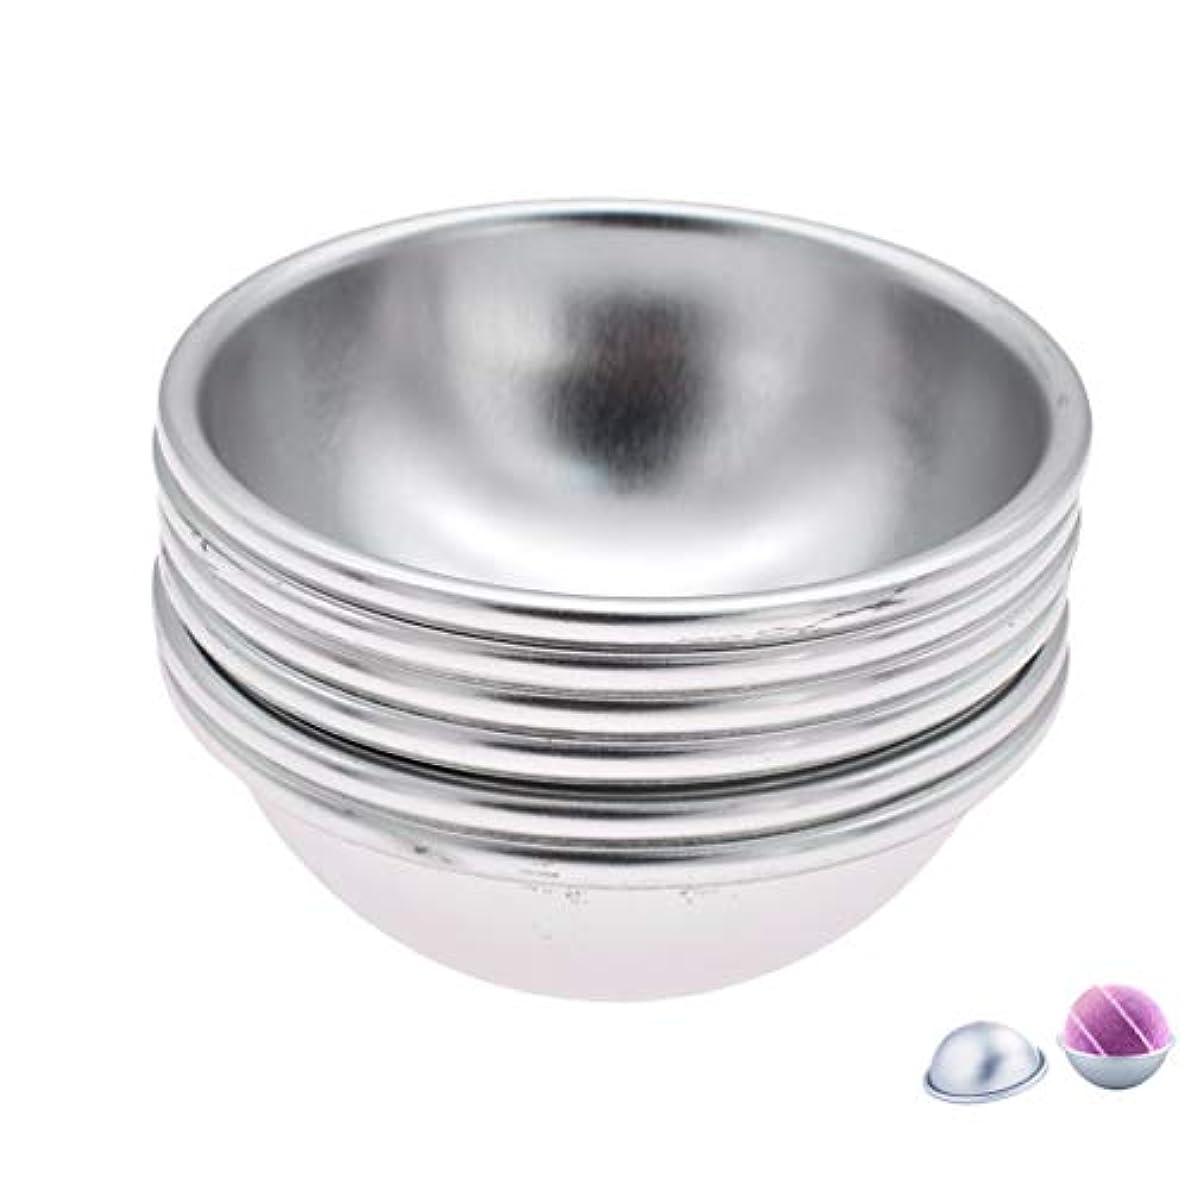 熱意高価な流行している(ライチ) Lychee 6個セット バスボム型 石鹸製造ツールセット 円形金型 DIYソープ ハンドメイド 食品にも使用可 ケーキ型 お菓子型